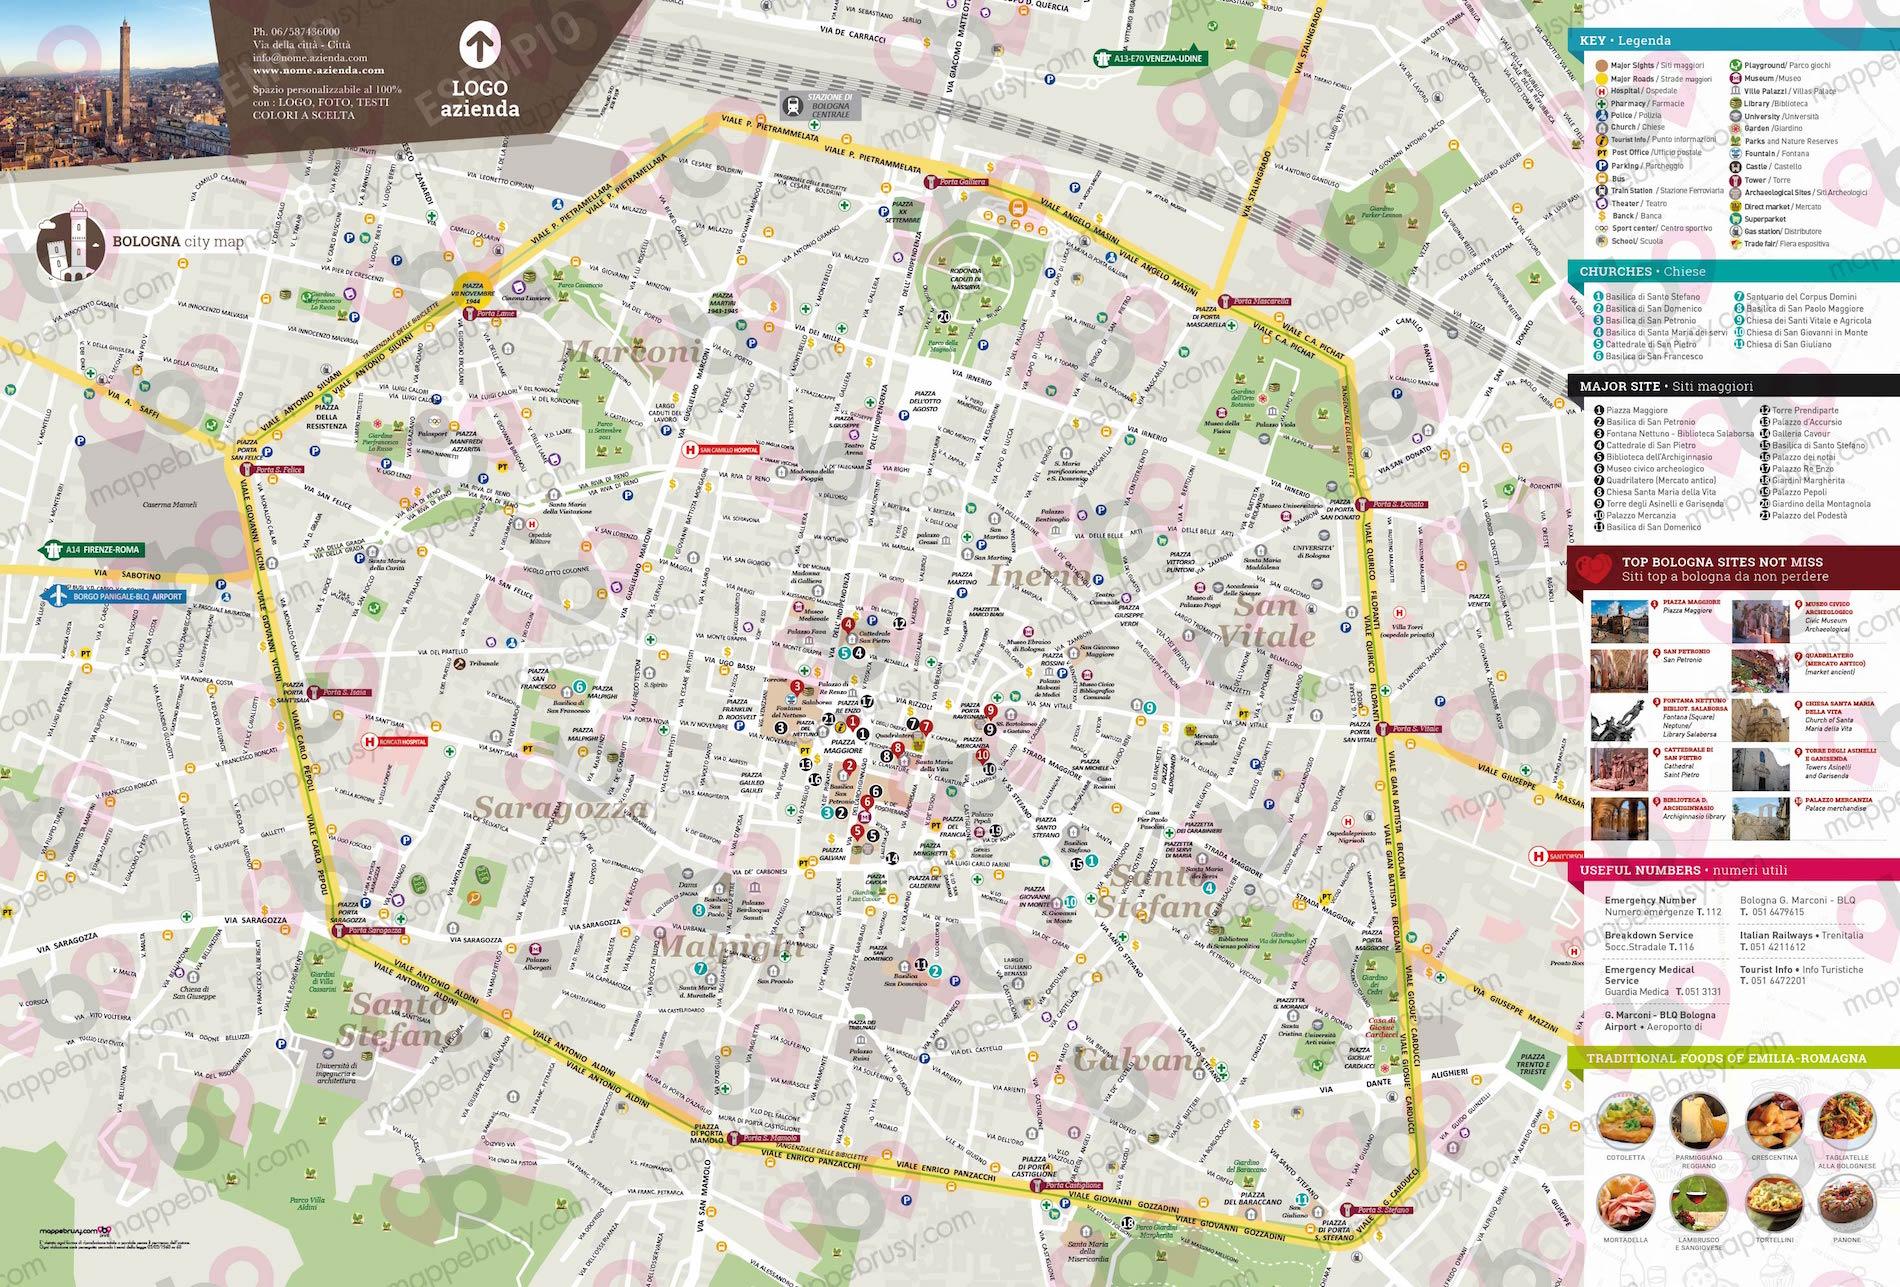 Bologna Cartina Geografica.Bologna Mappe Brusy